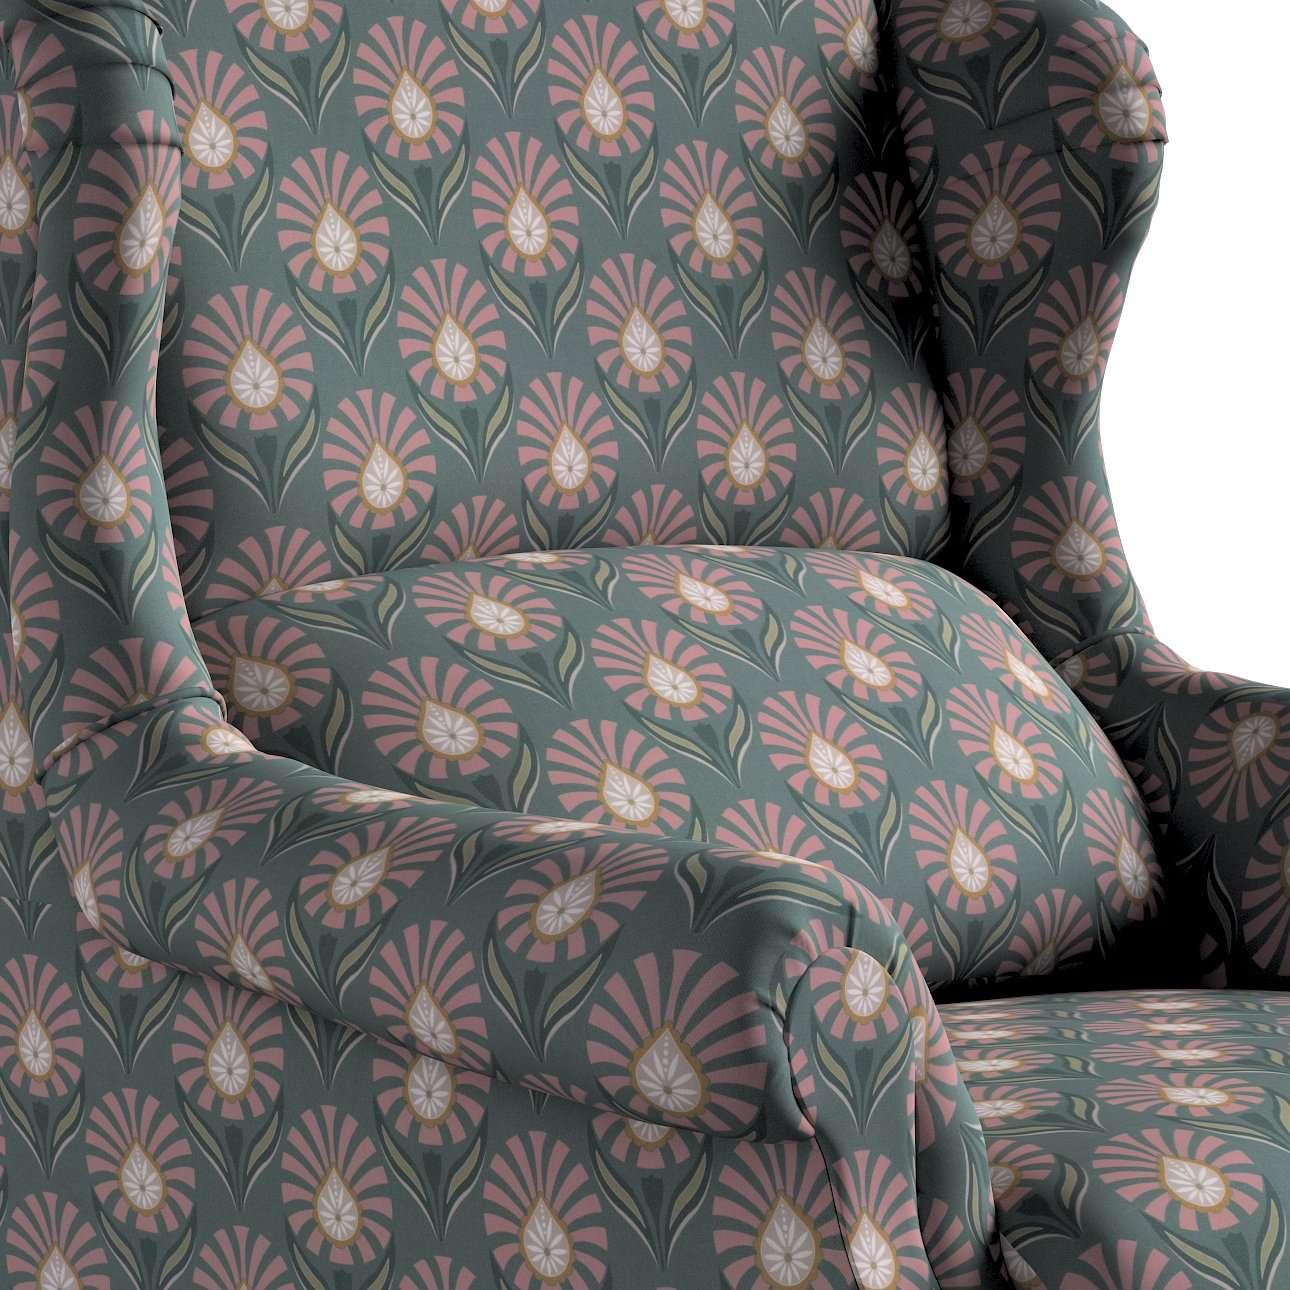 Fotel Unique w kolekcji Gardenia, tkanina: 142-17